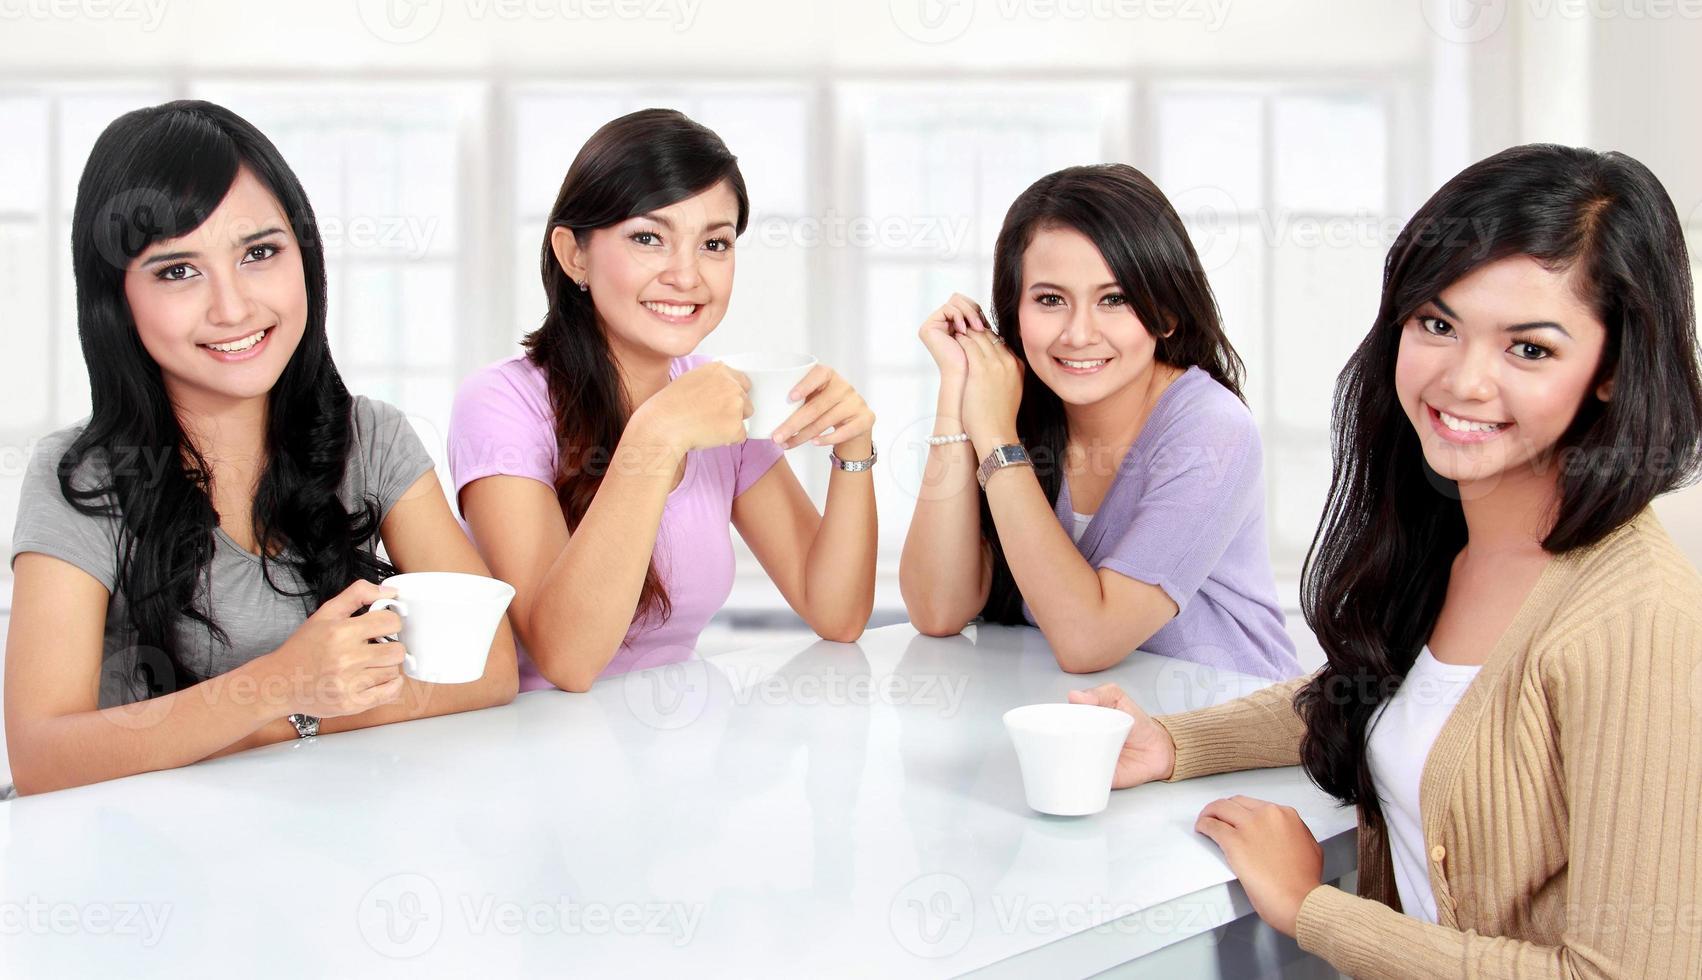 Gruppe von Frauen, die eine gute Zeit miteinander haben foto